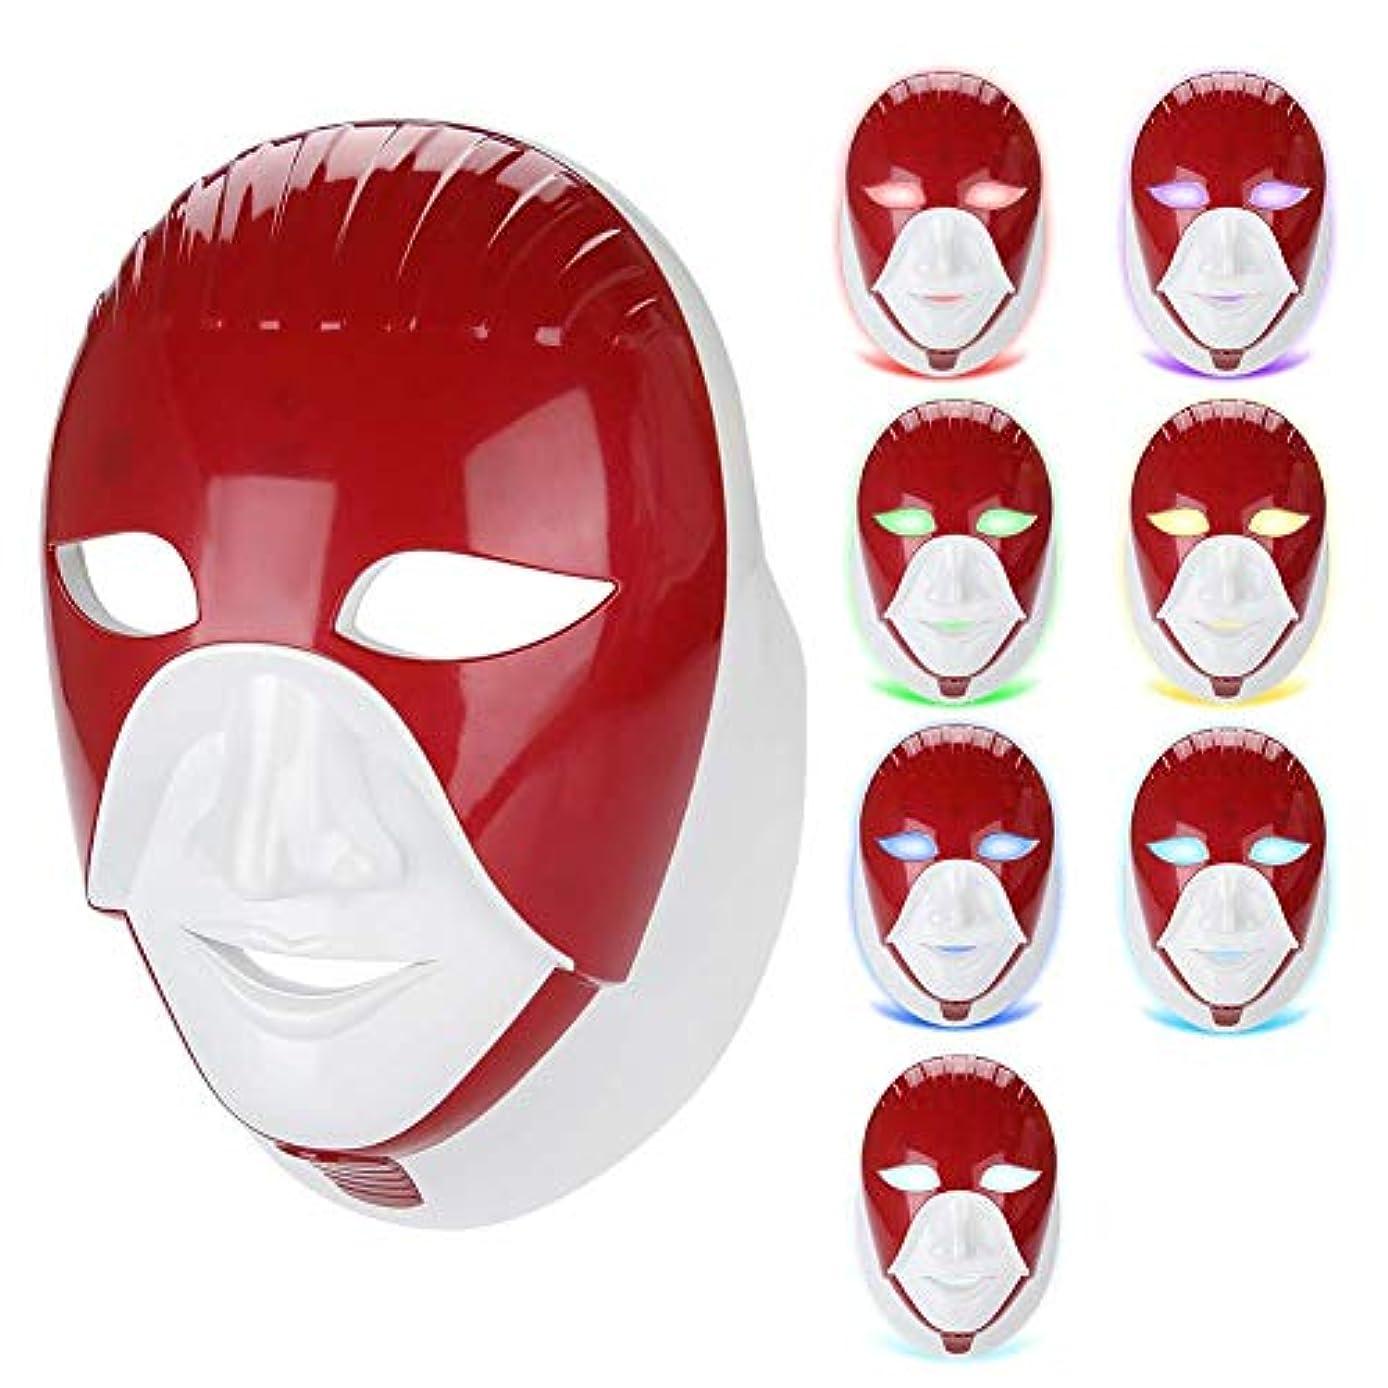 オフセット手順内なるフォトンセラピーフェイシャルネックマスクアンチリンクルスキンリジュビネーション7色美容機器美容マスク(アルミボックス)